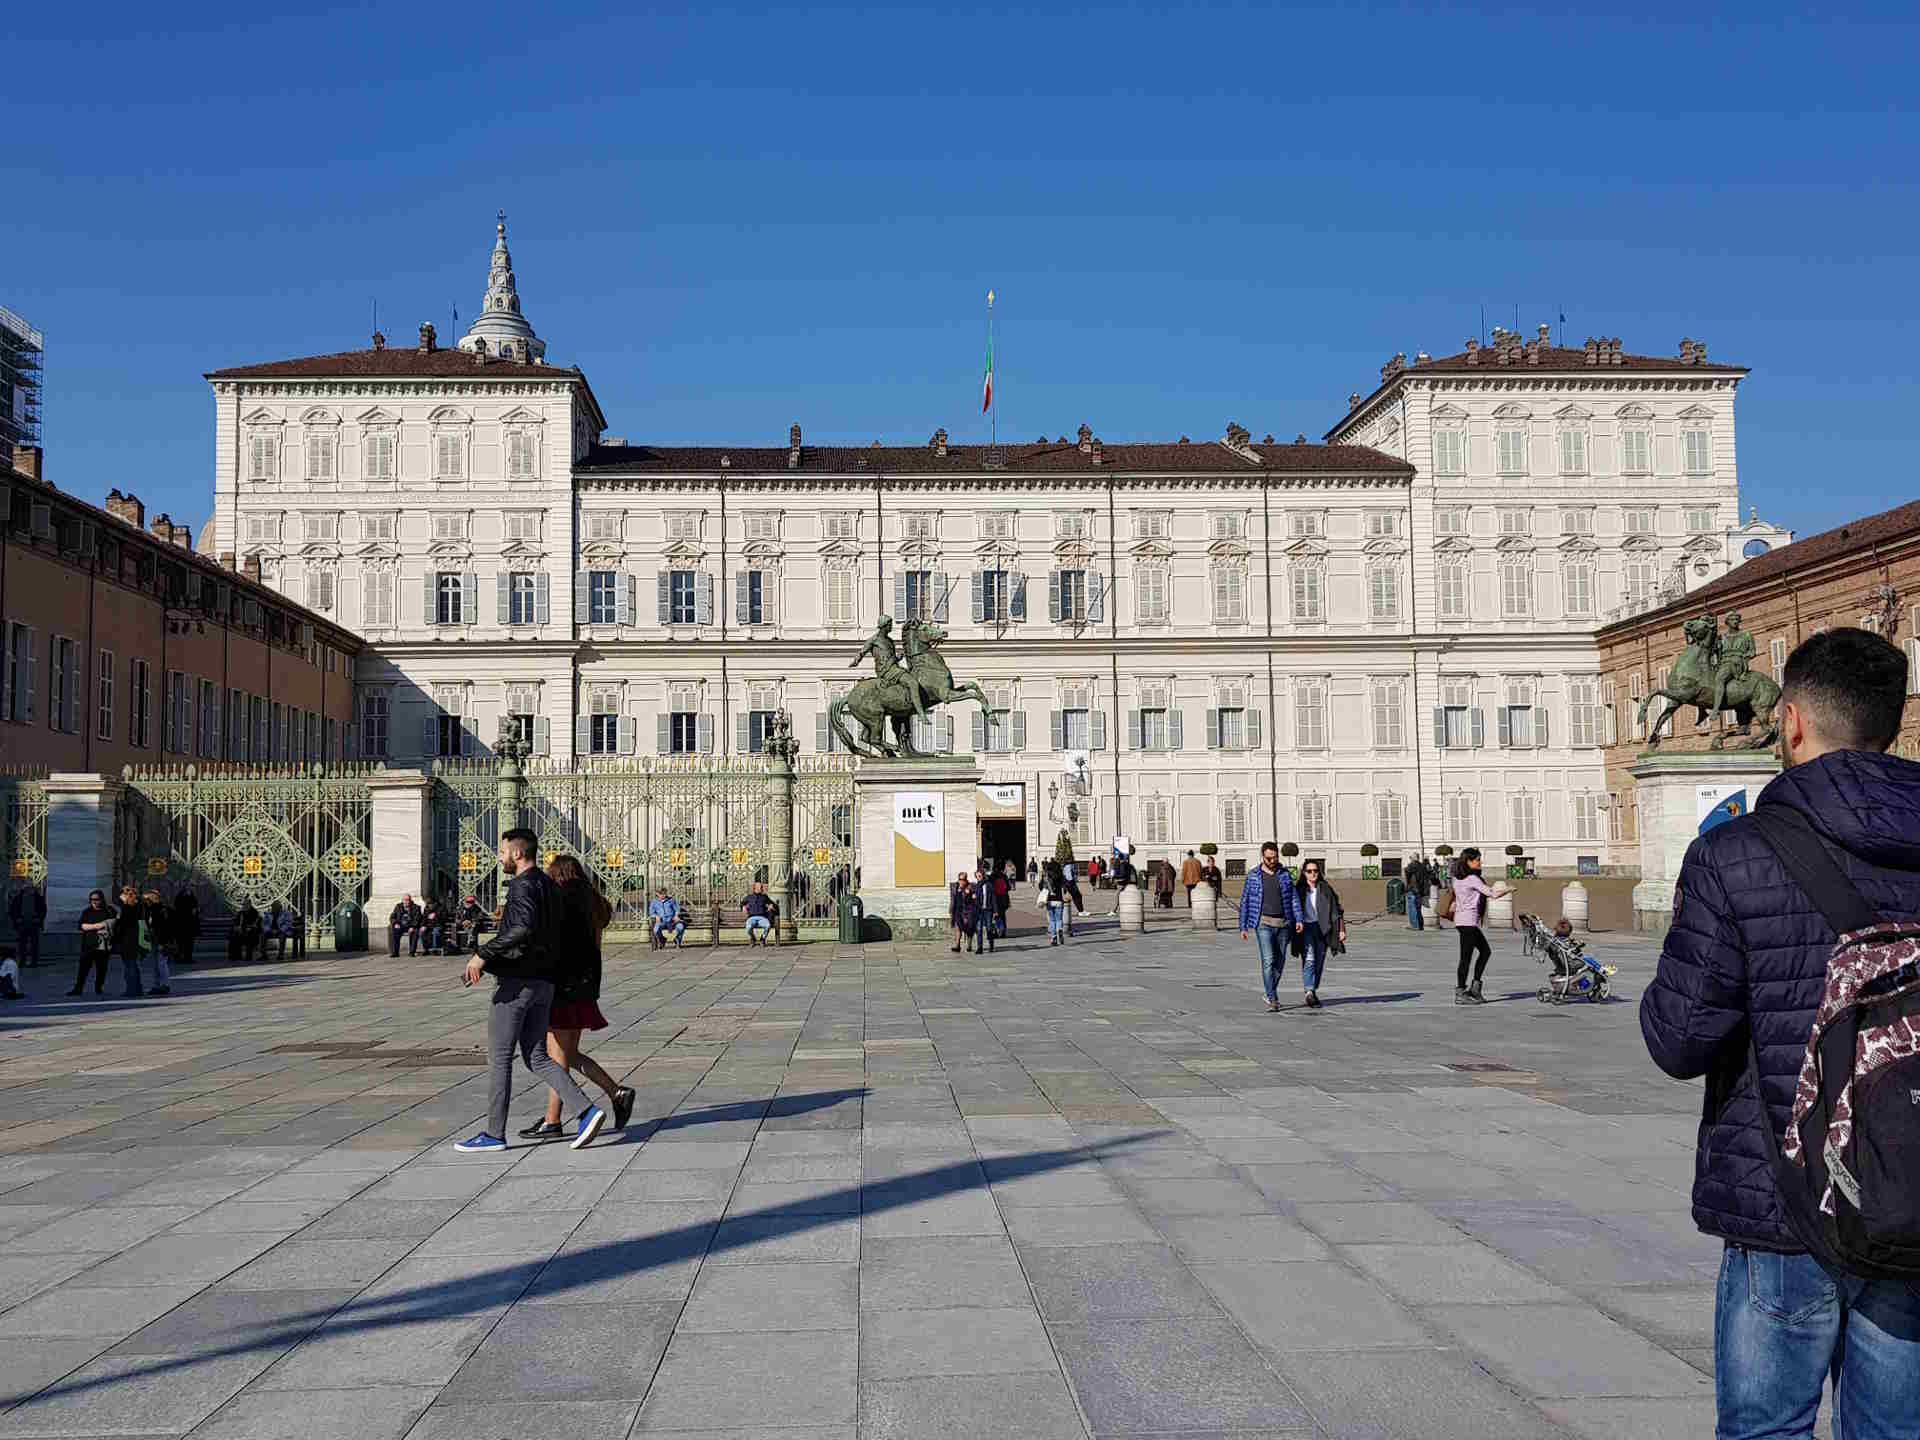 Il magnifico Palazzo Reale nel centro di Torino. cosa vedere a Torino